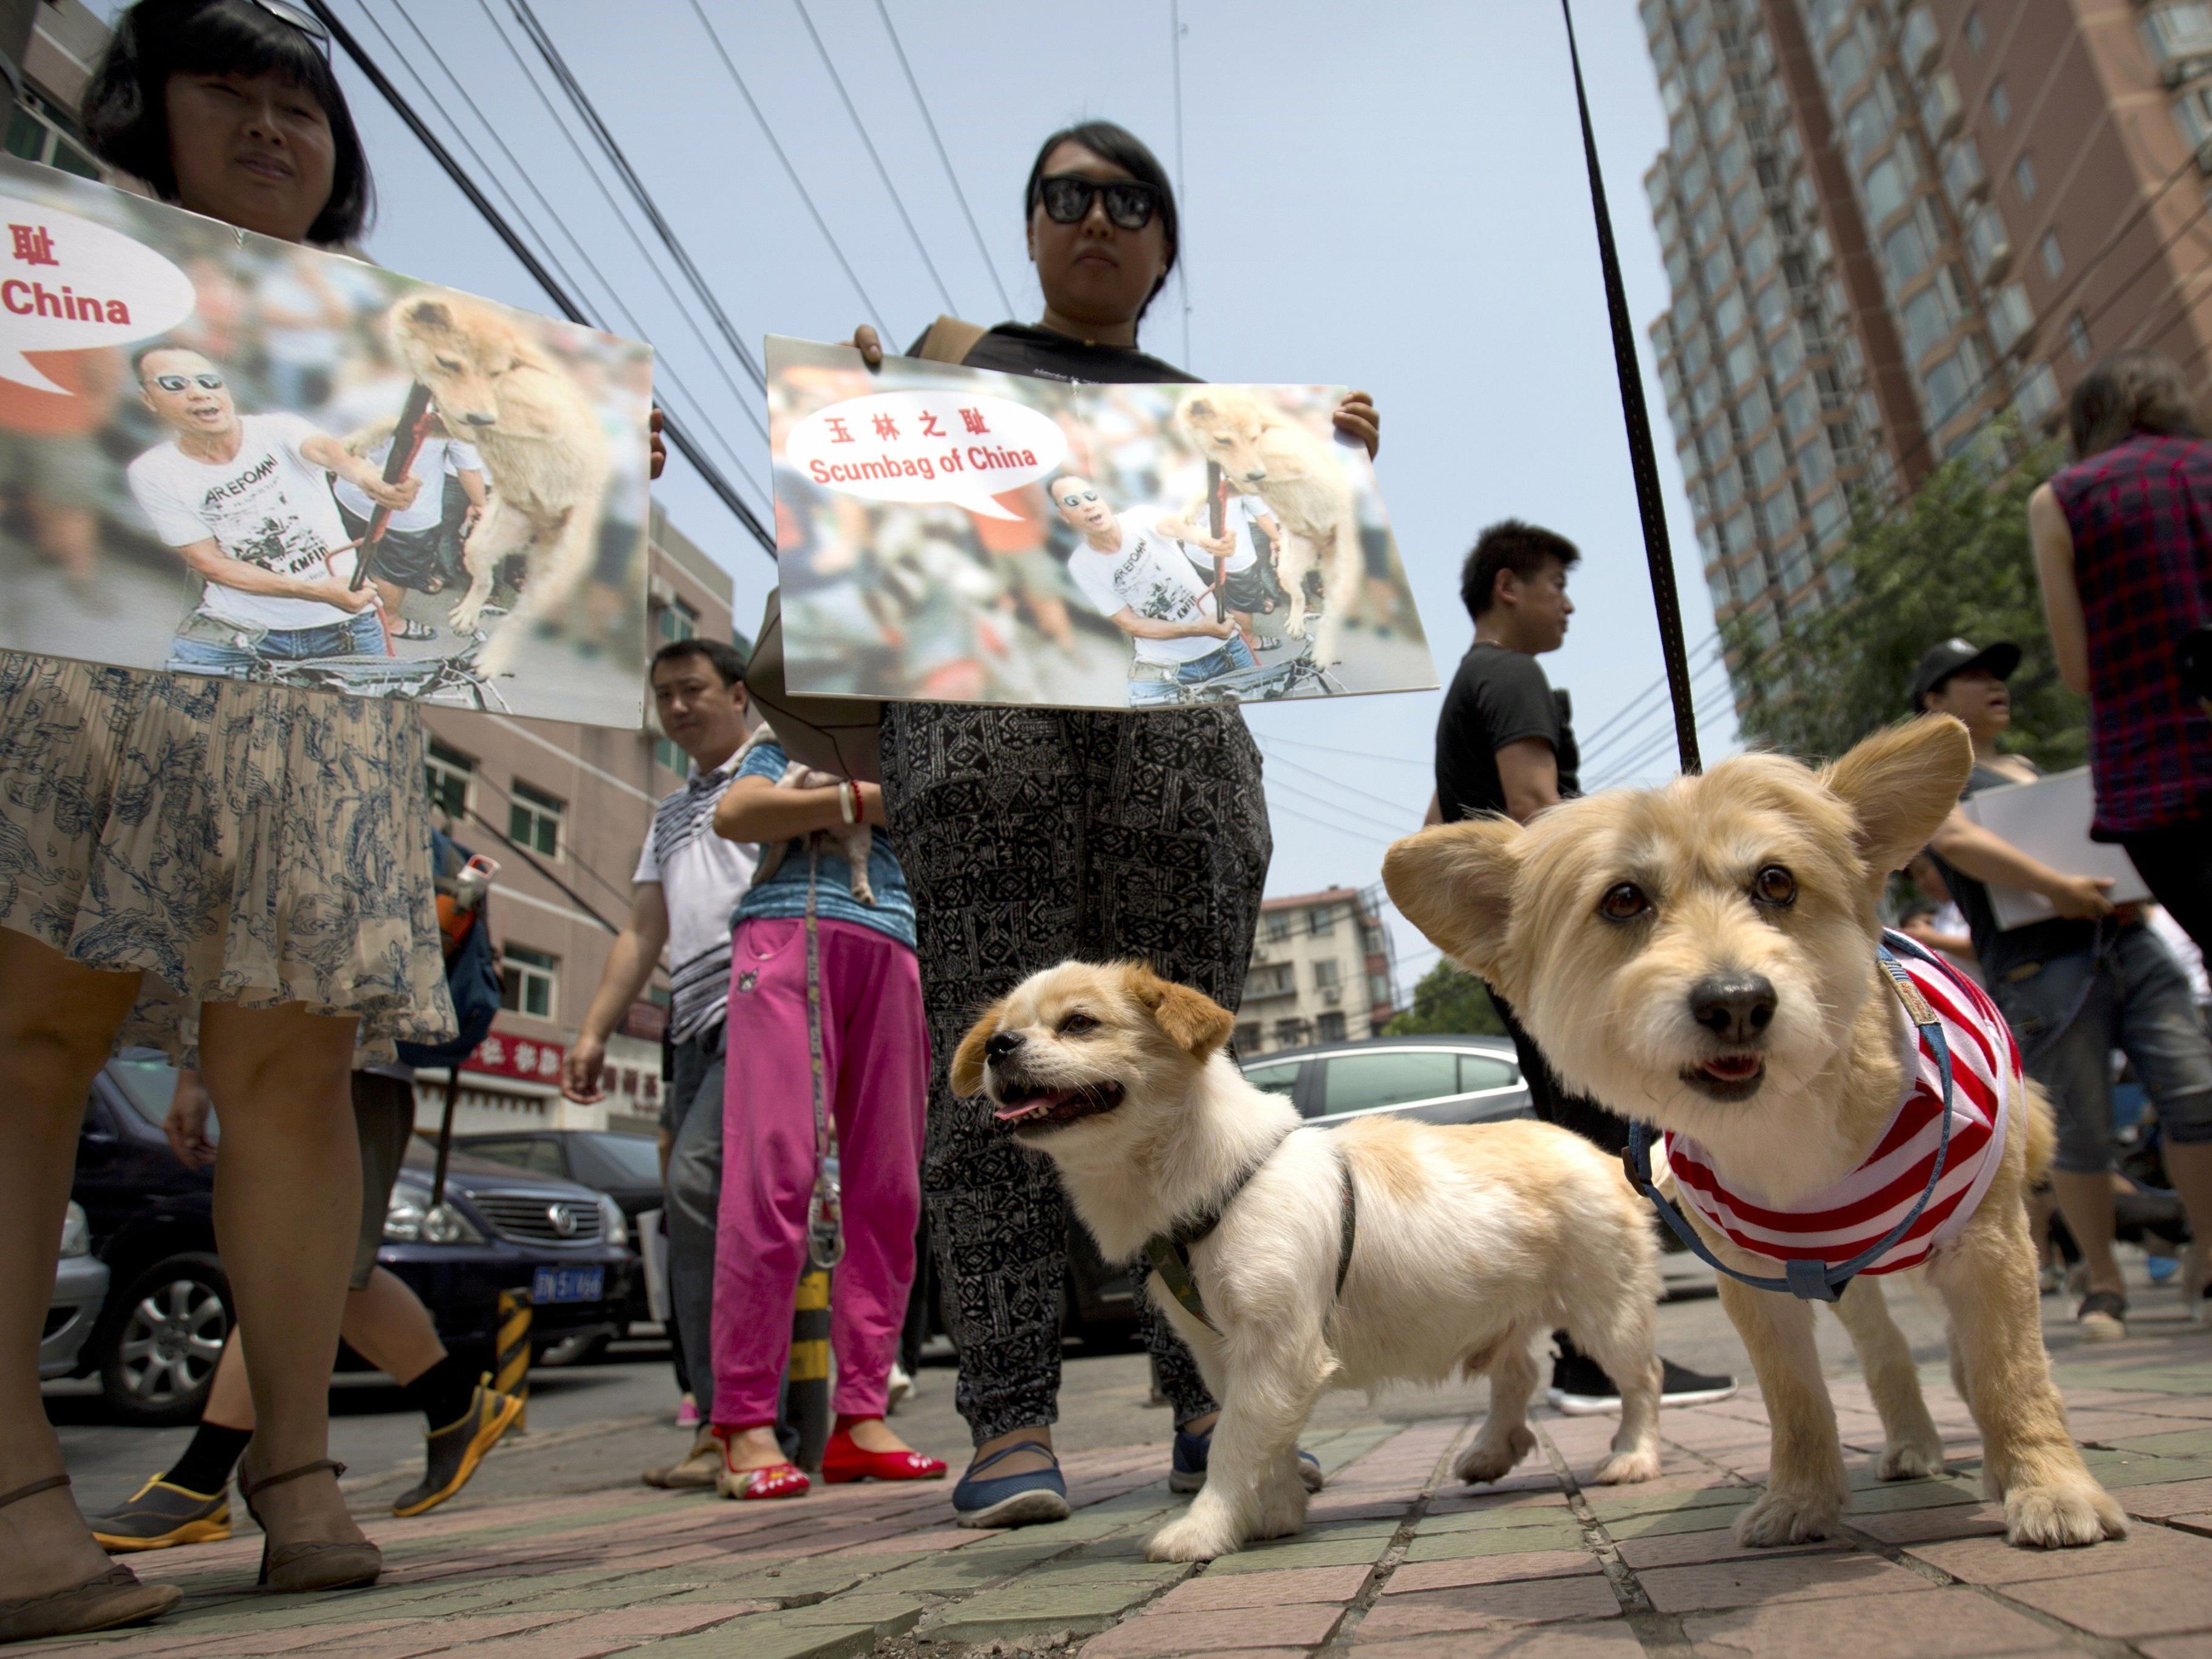 Gegen das Hundefleisch-Festival gab es zahlreiche Proteste.